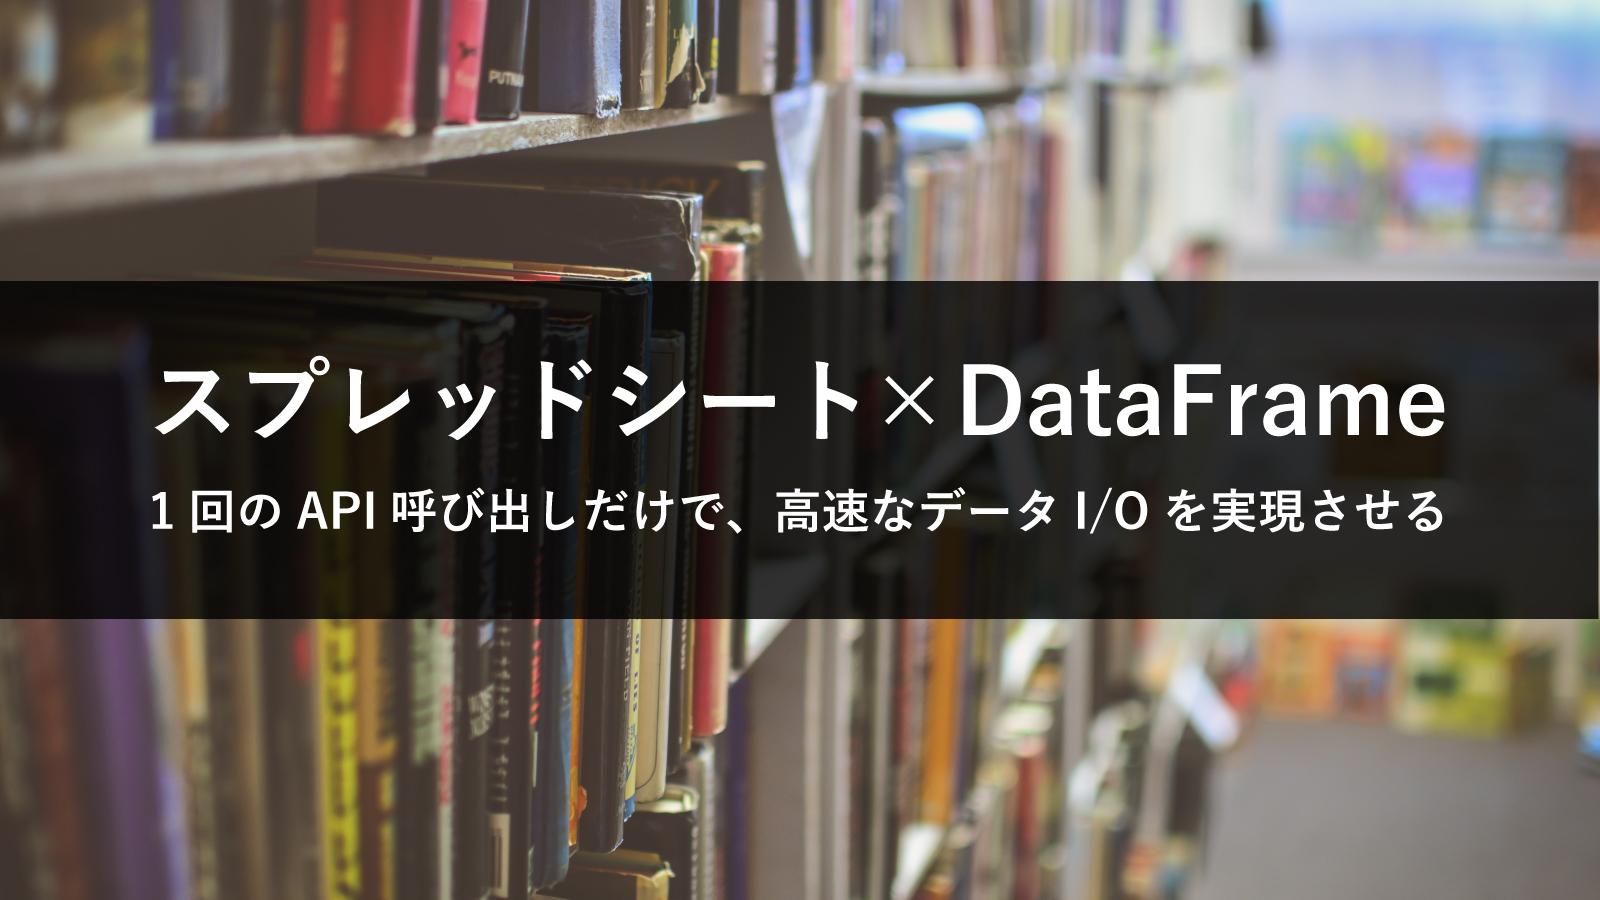 [データI/O]スプレッドシート×DataFrameを一気に変換する方法